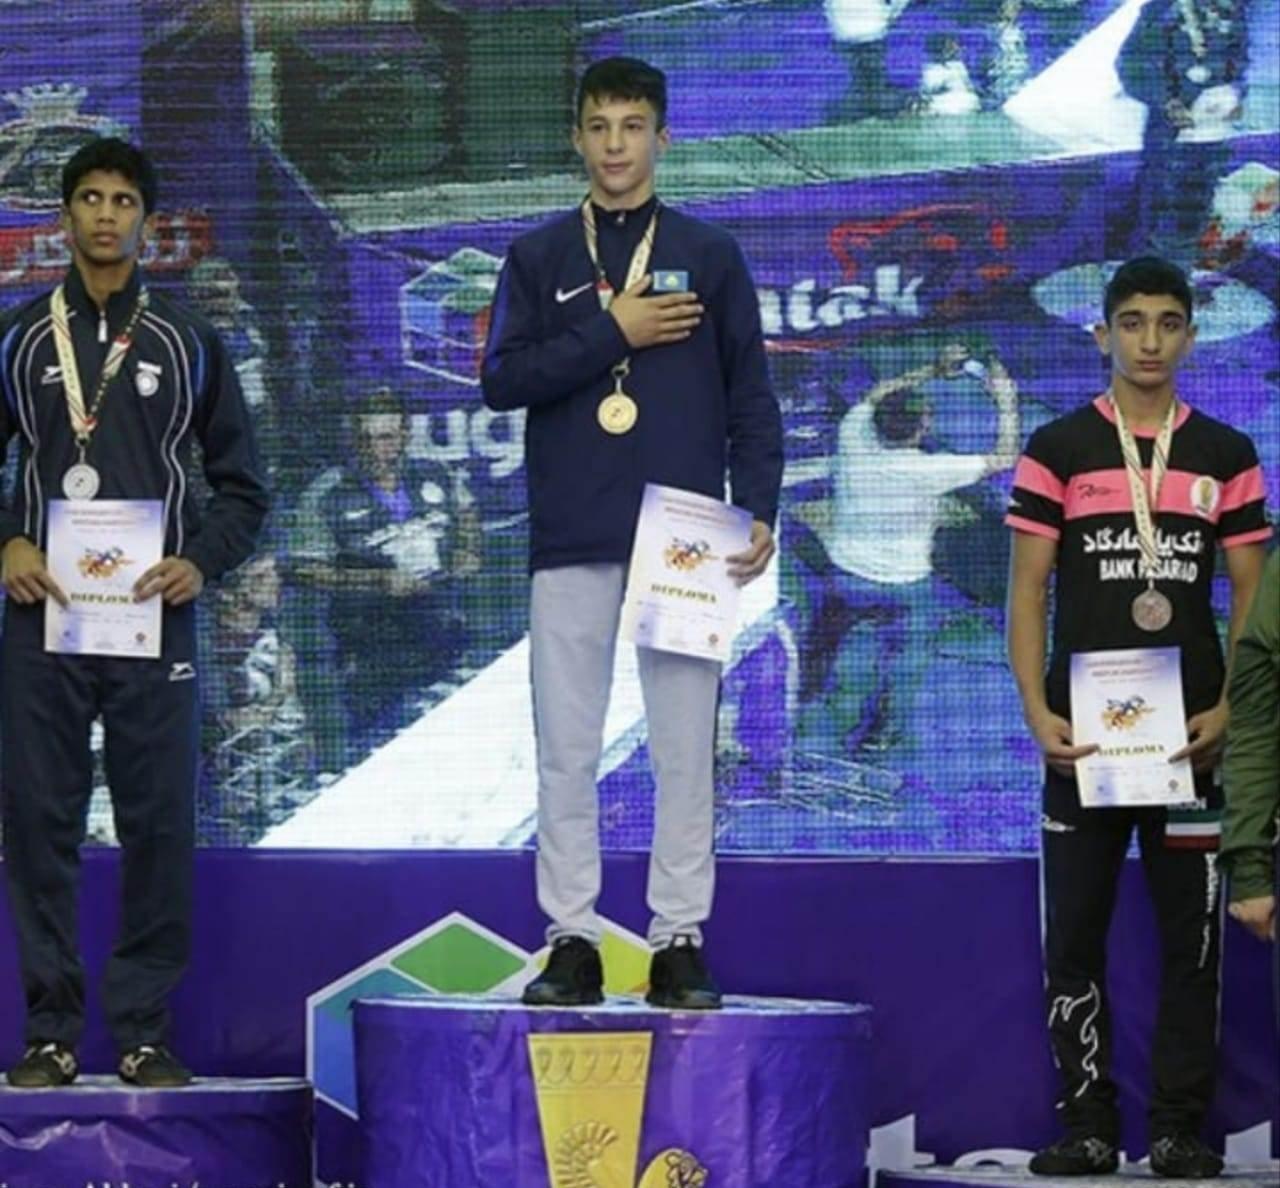 Азиз Газымов завоевал золотую медаль на ЧА по греко-римской борьбе среди юношей в Тегеране